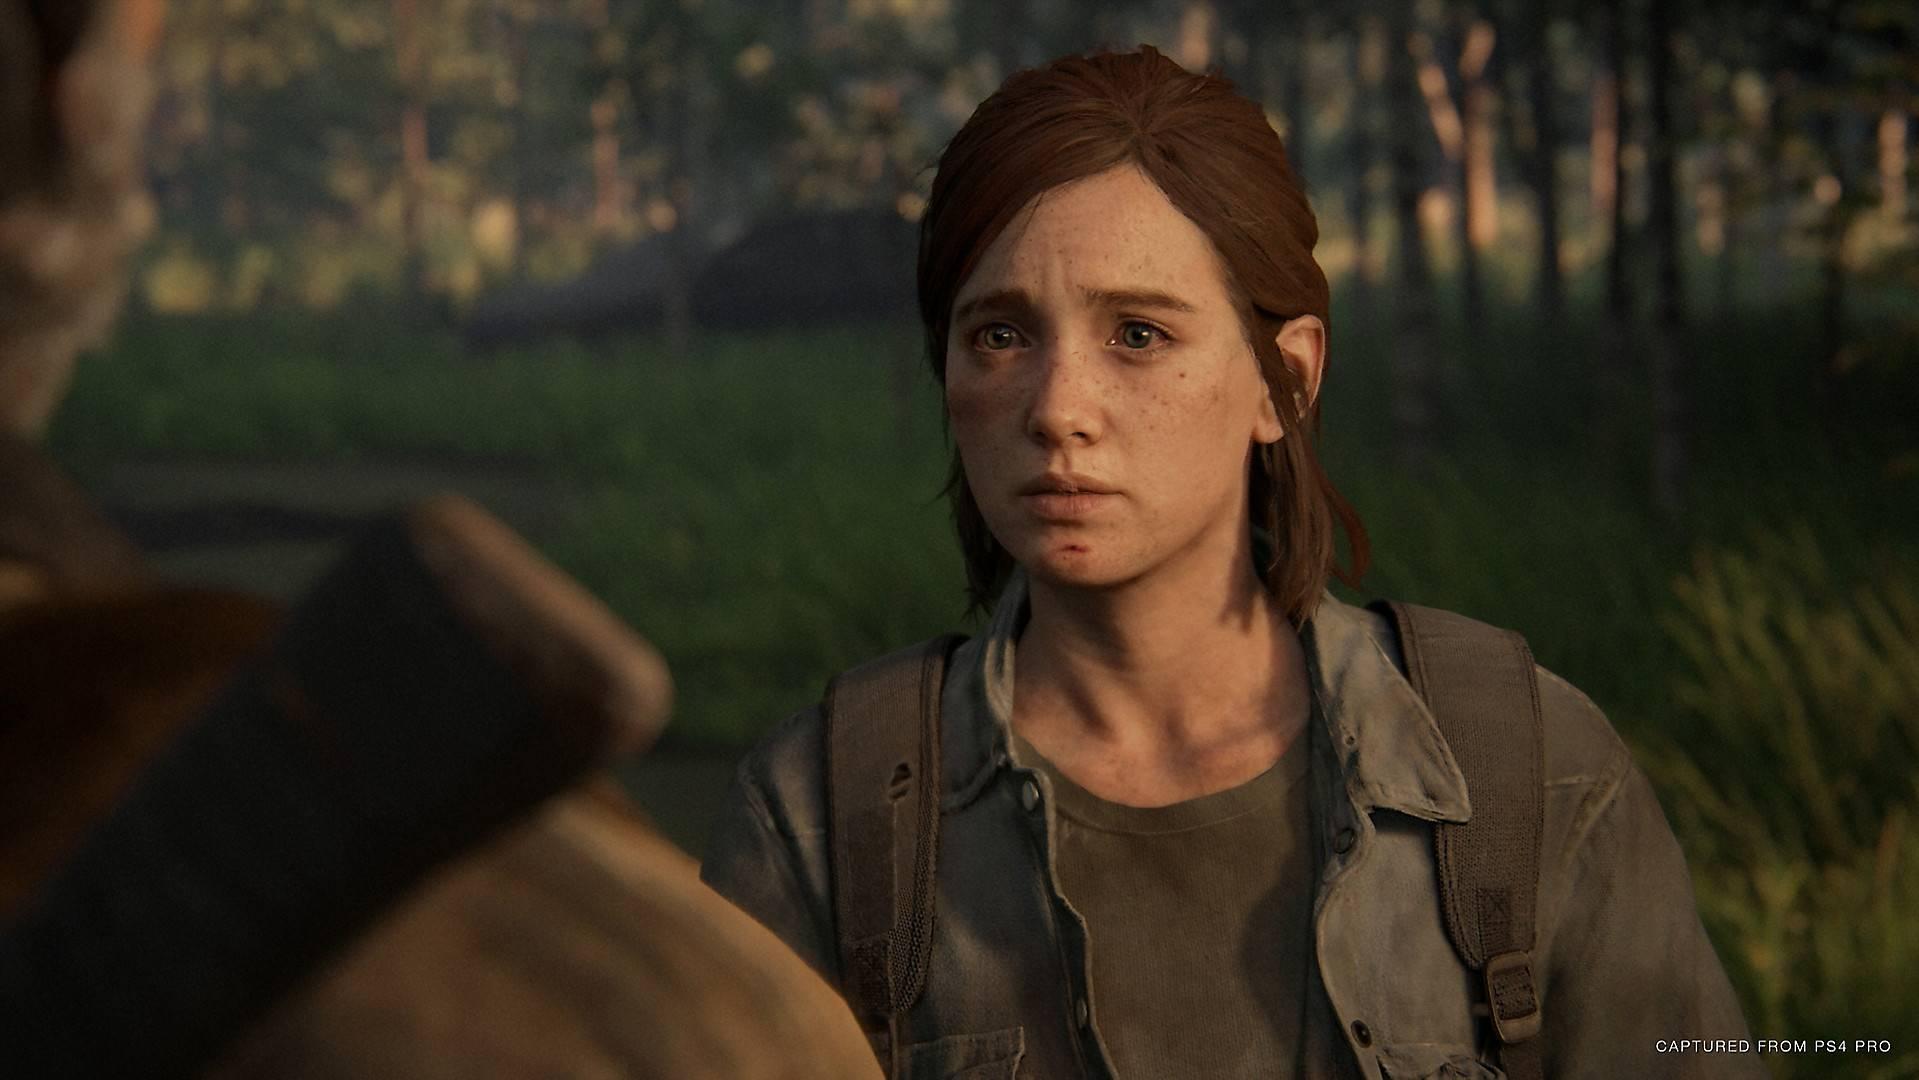 The Last of Us 2 The Last of Us Part 2 The Last of Us Part II